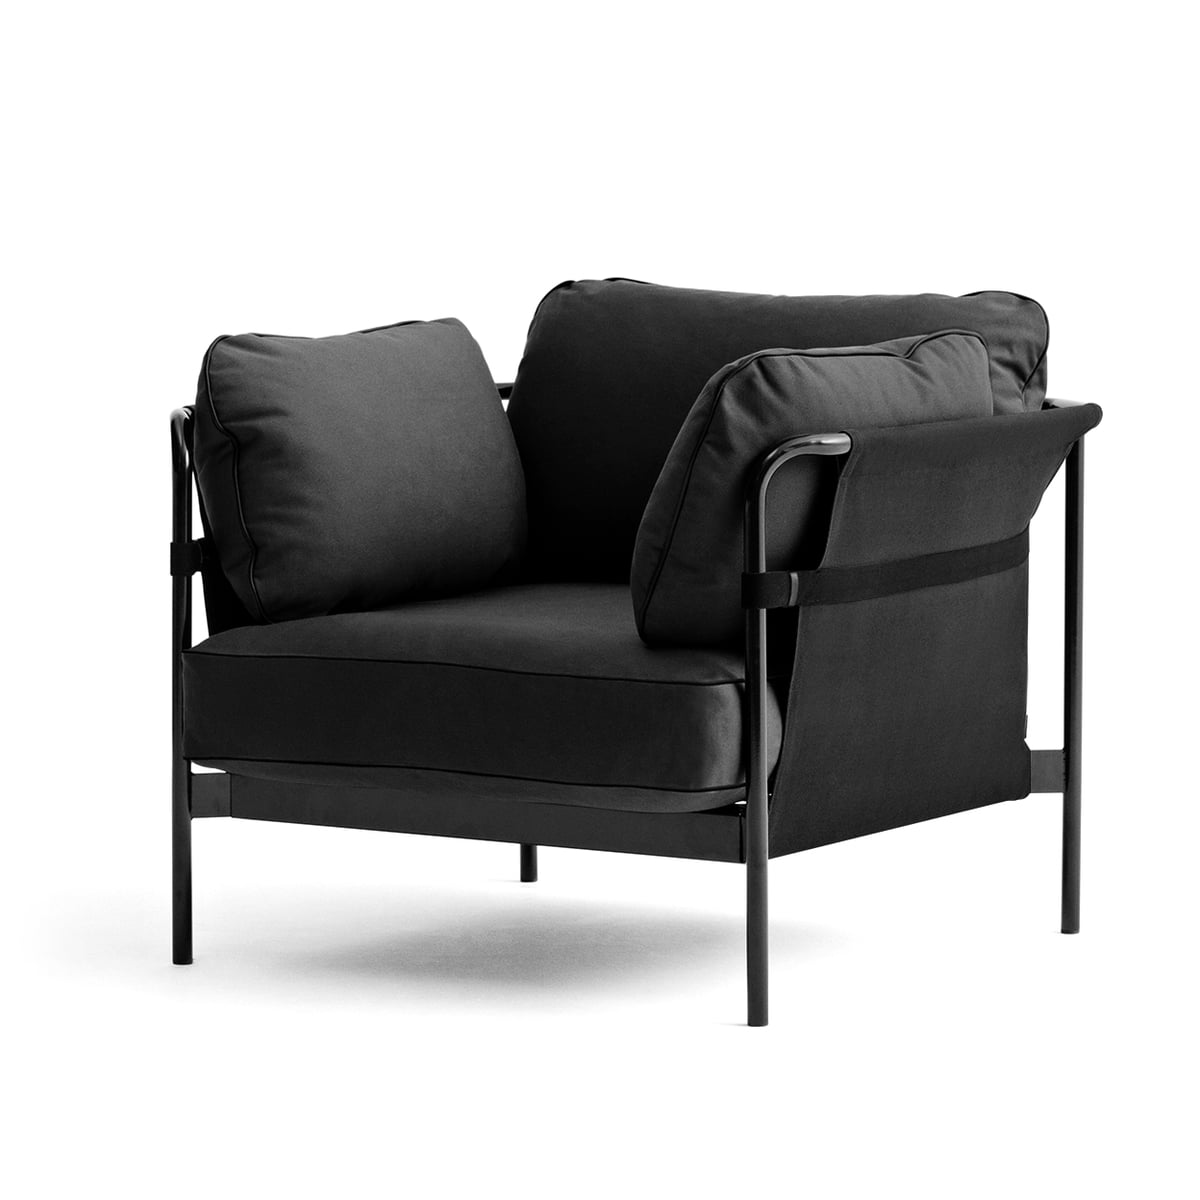 Fauteuil Can De Hay Dans La Boutique Du Design - Fauteuil gris design